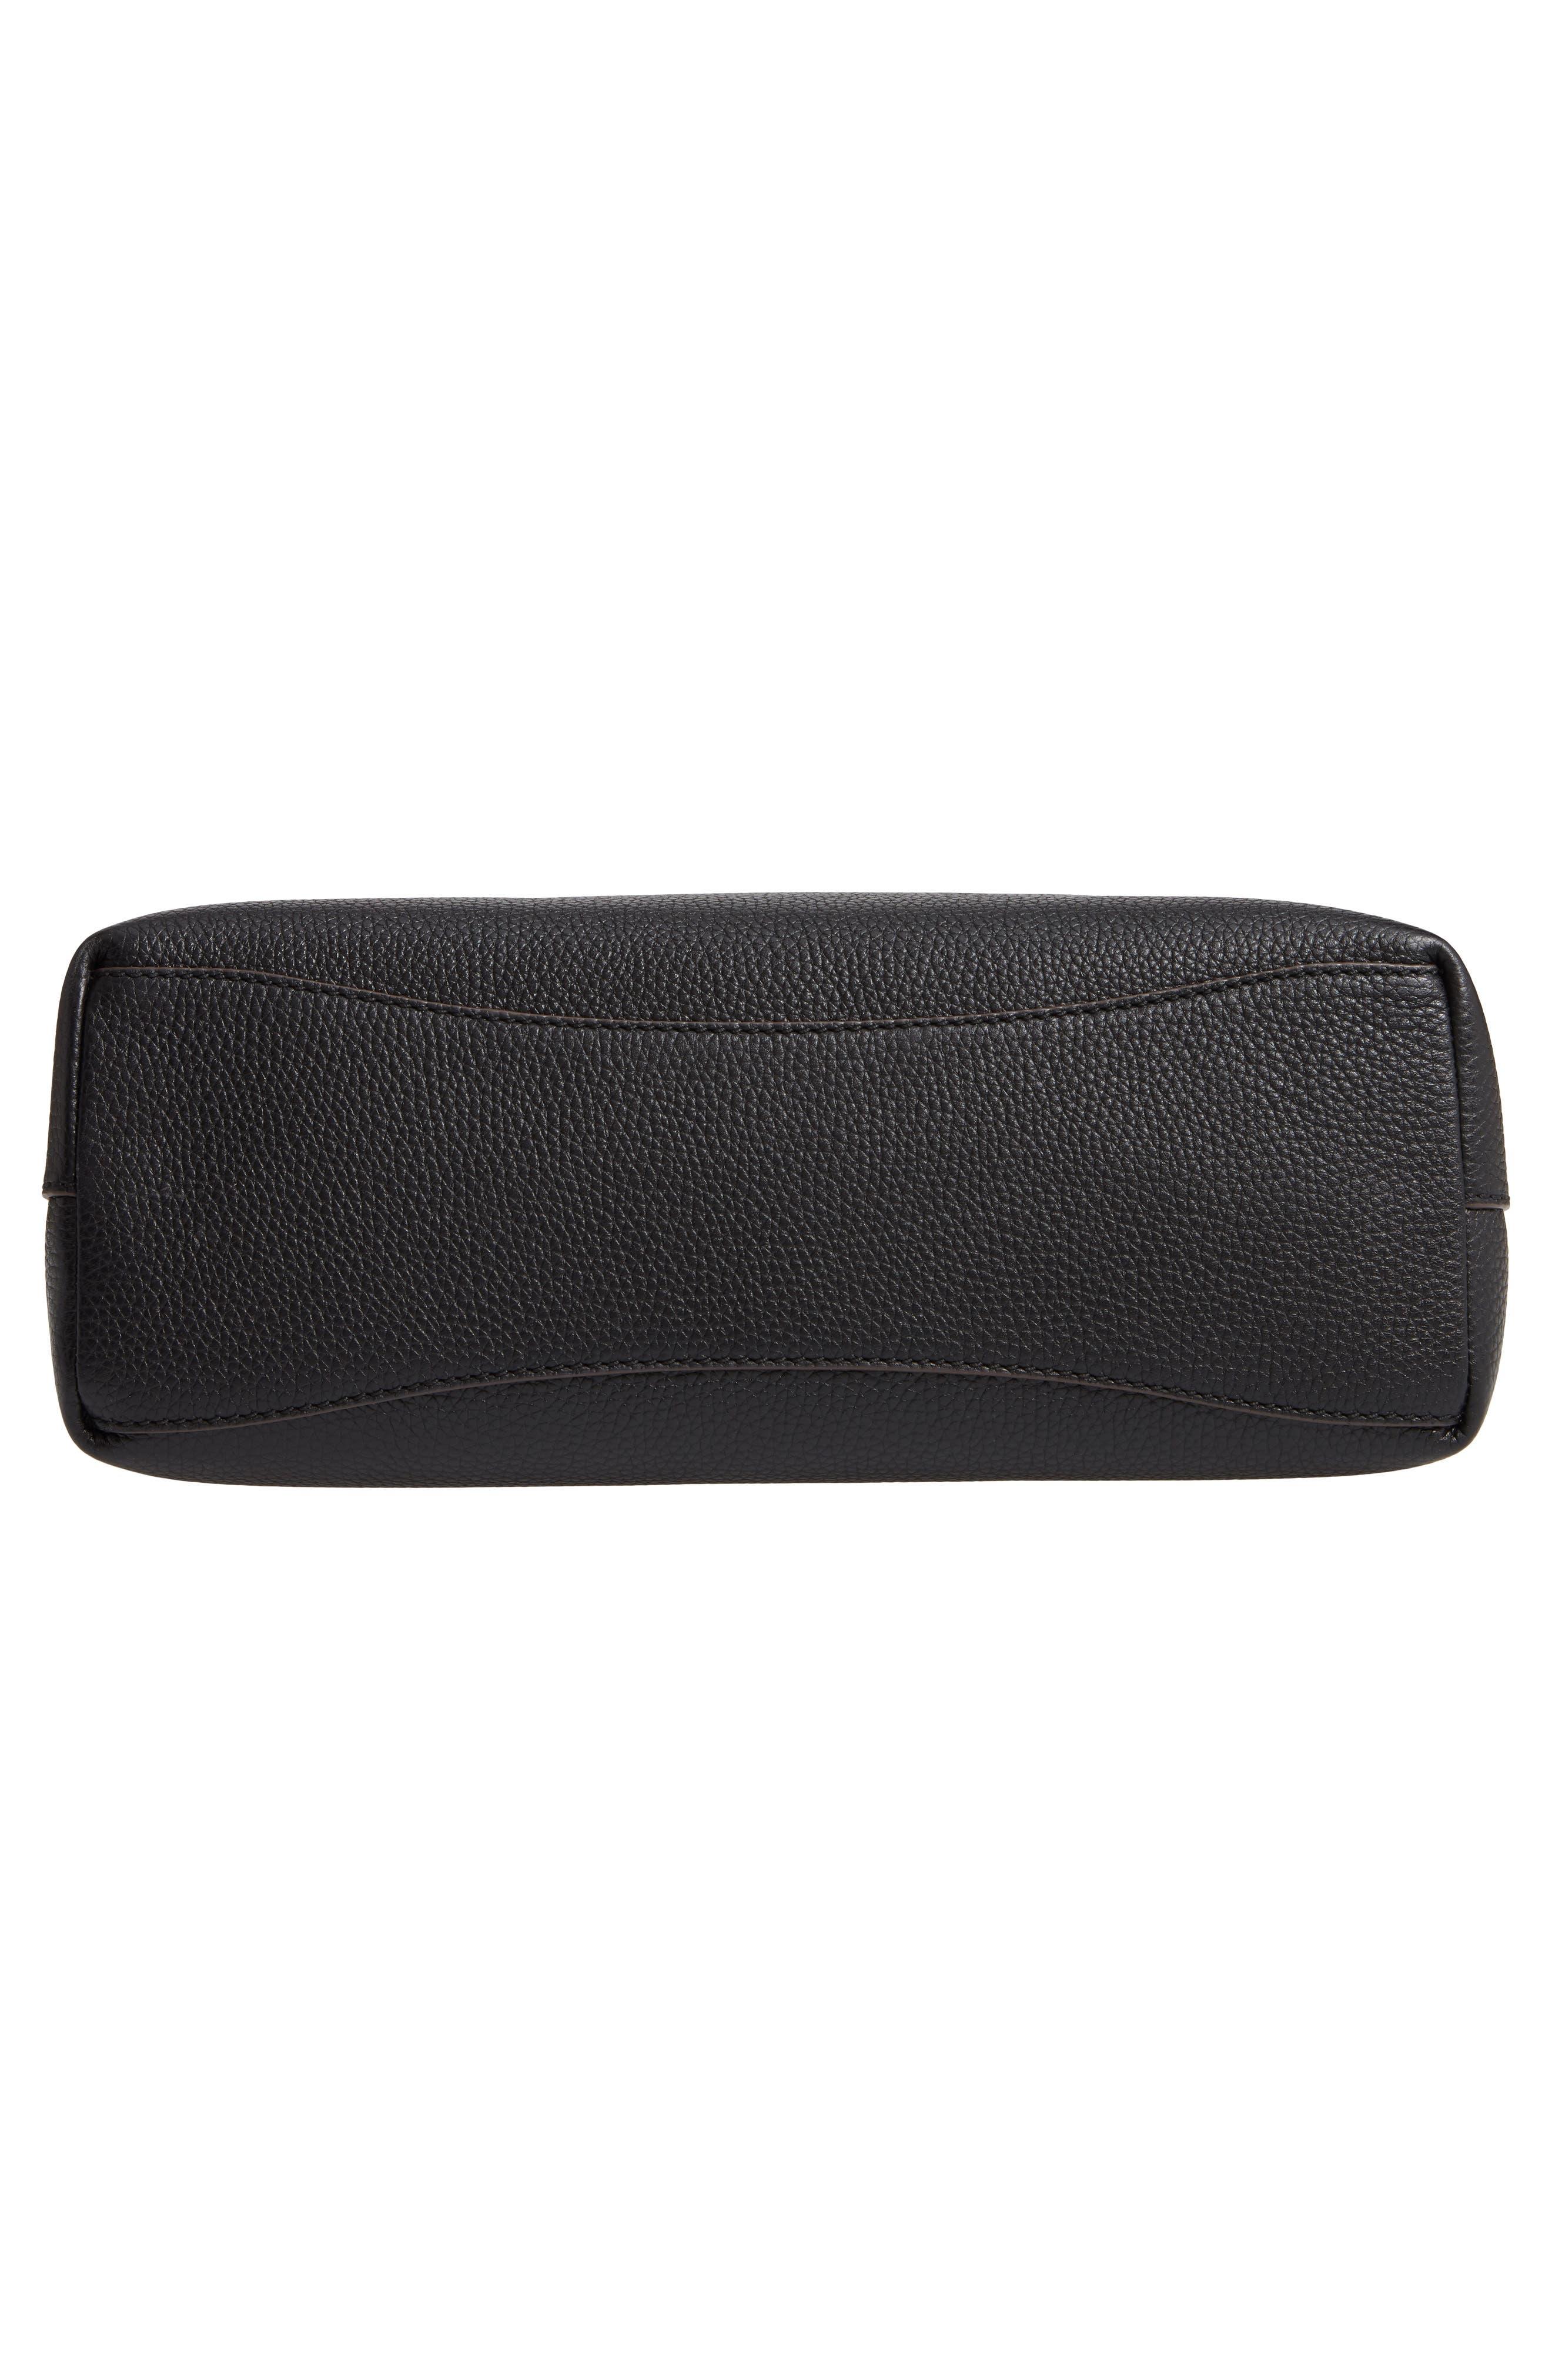 McGraw Triple Compartment Leather Satchel,                             Alternate thumbnail 6, color,                             BLACK